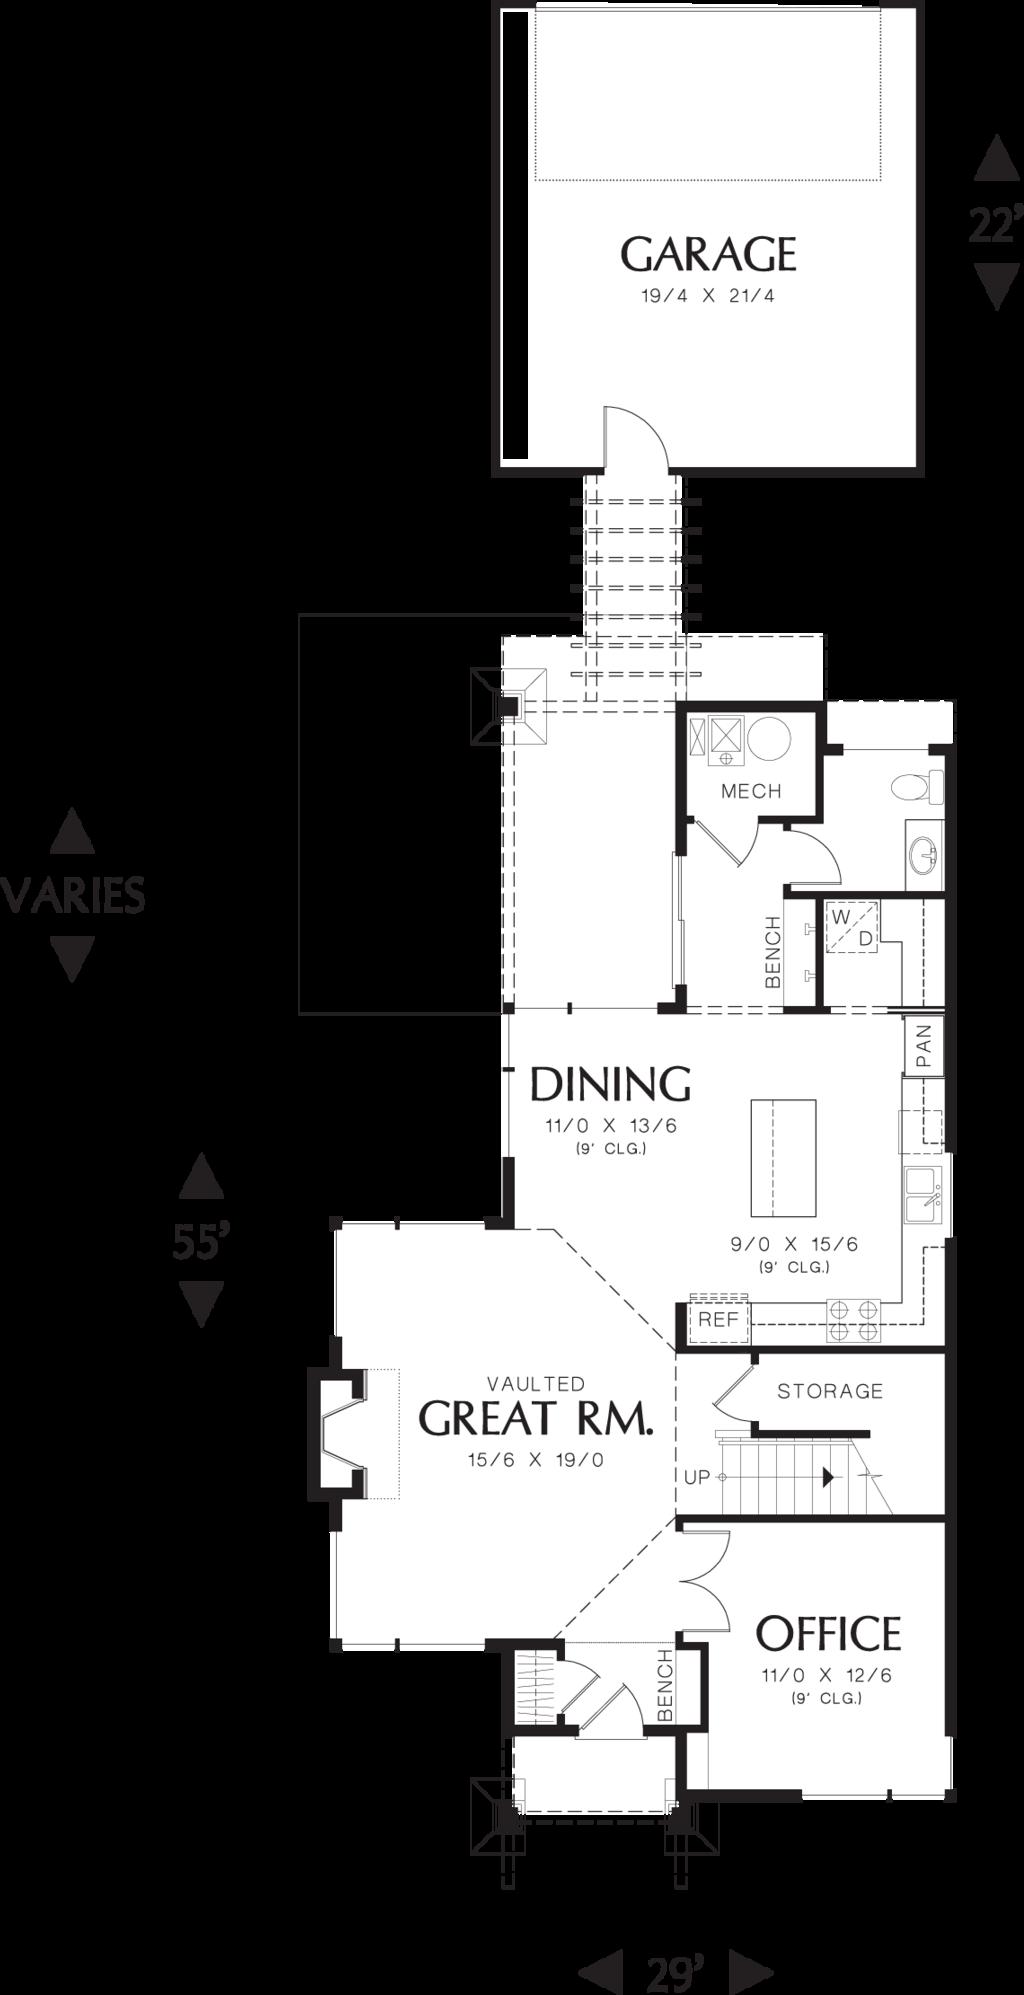 Medidas ba o casa habitacion for Planos de casas con medidas